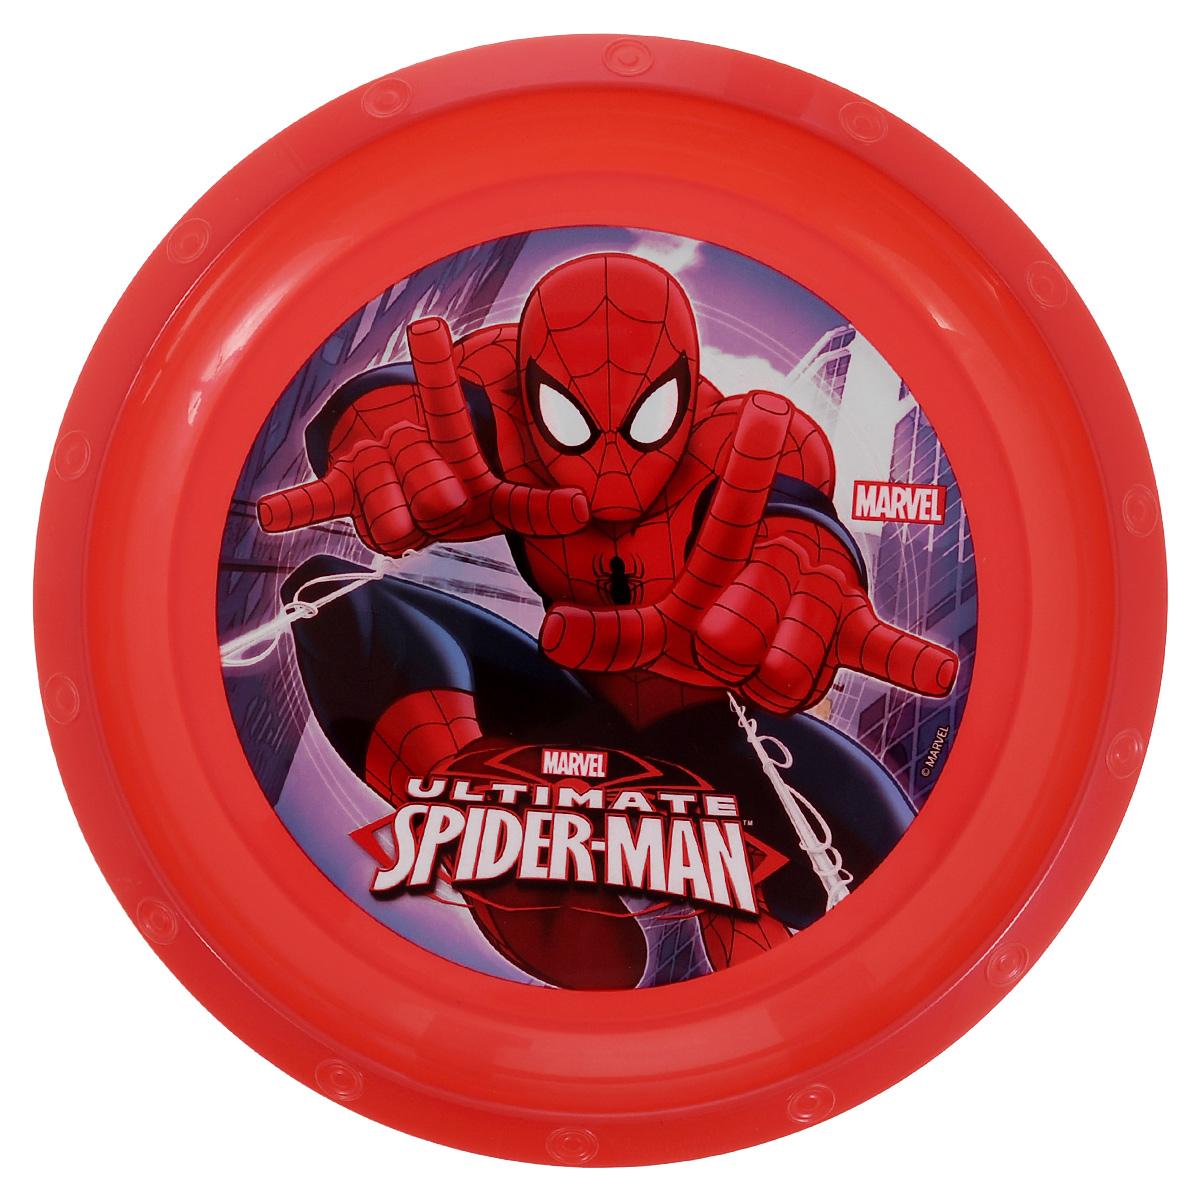 Тарелка Marvel Spider-Man, цвет: красный, 21.5 смГБН3-1Яркая тарелка Marvel Spider-Man, изготовленная из безопасного полипропилена красного цвета, непременно понравится юному обладателю. Дно миски оформлено изображением супергероя - человека-паука из одноименного мультсериала. Изделие очень функционально, пригодится на кухне для самых разнообразных нужд.Рекомендуется для детей от: 3 лет.